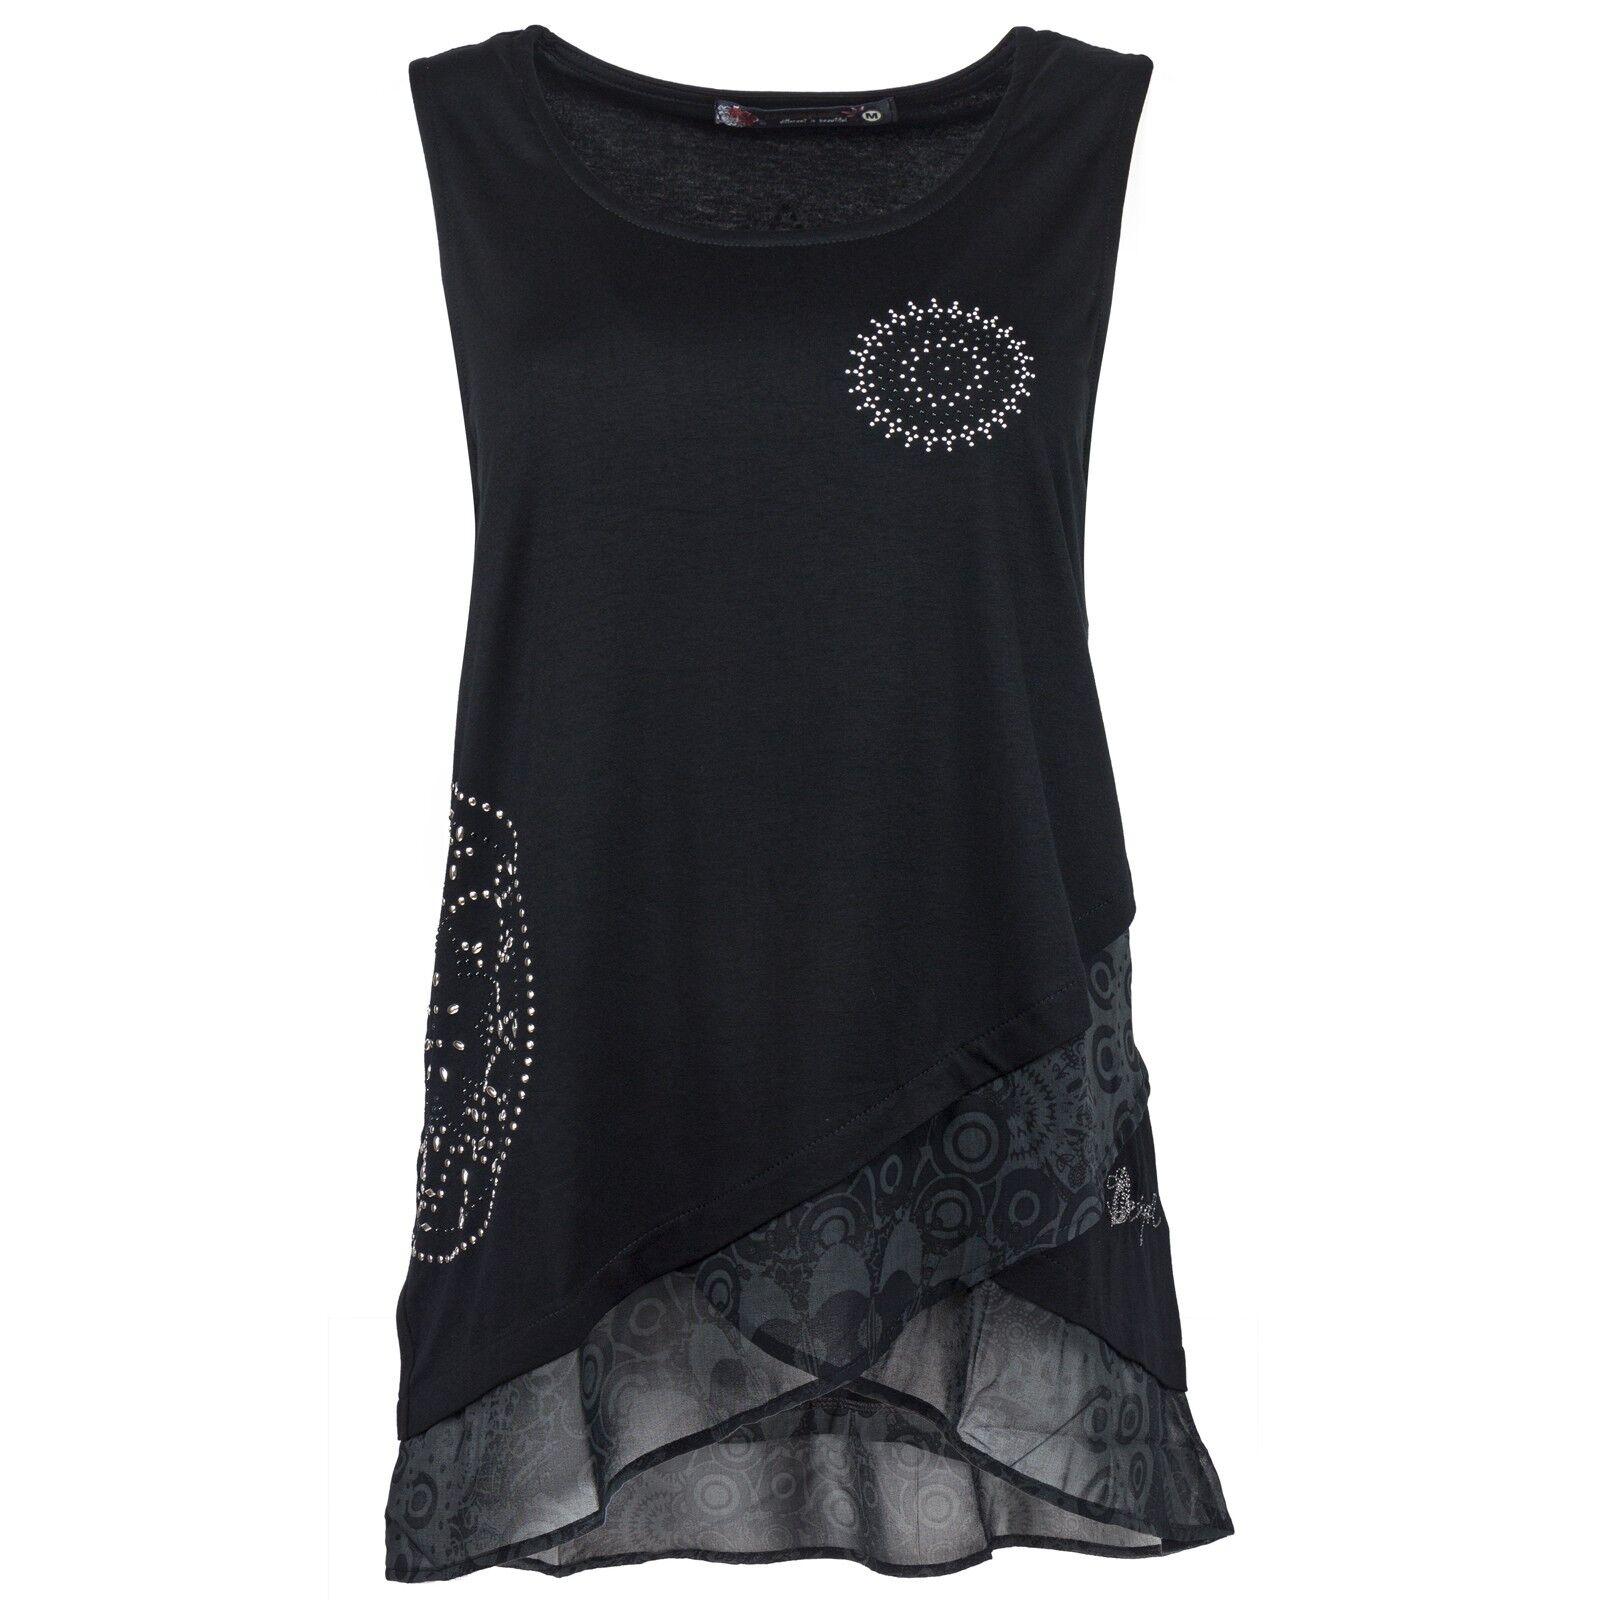 Desigual Damen Shirt Top Damenshirt Nieten Besatz Transparenter Lagen Look